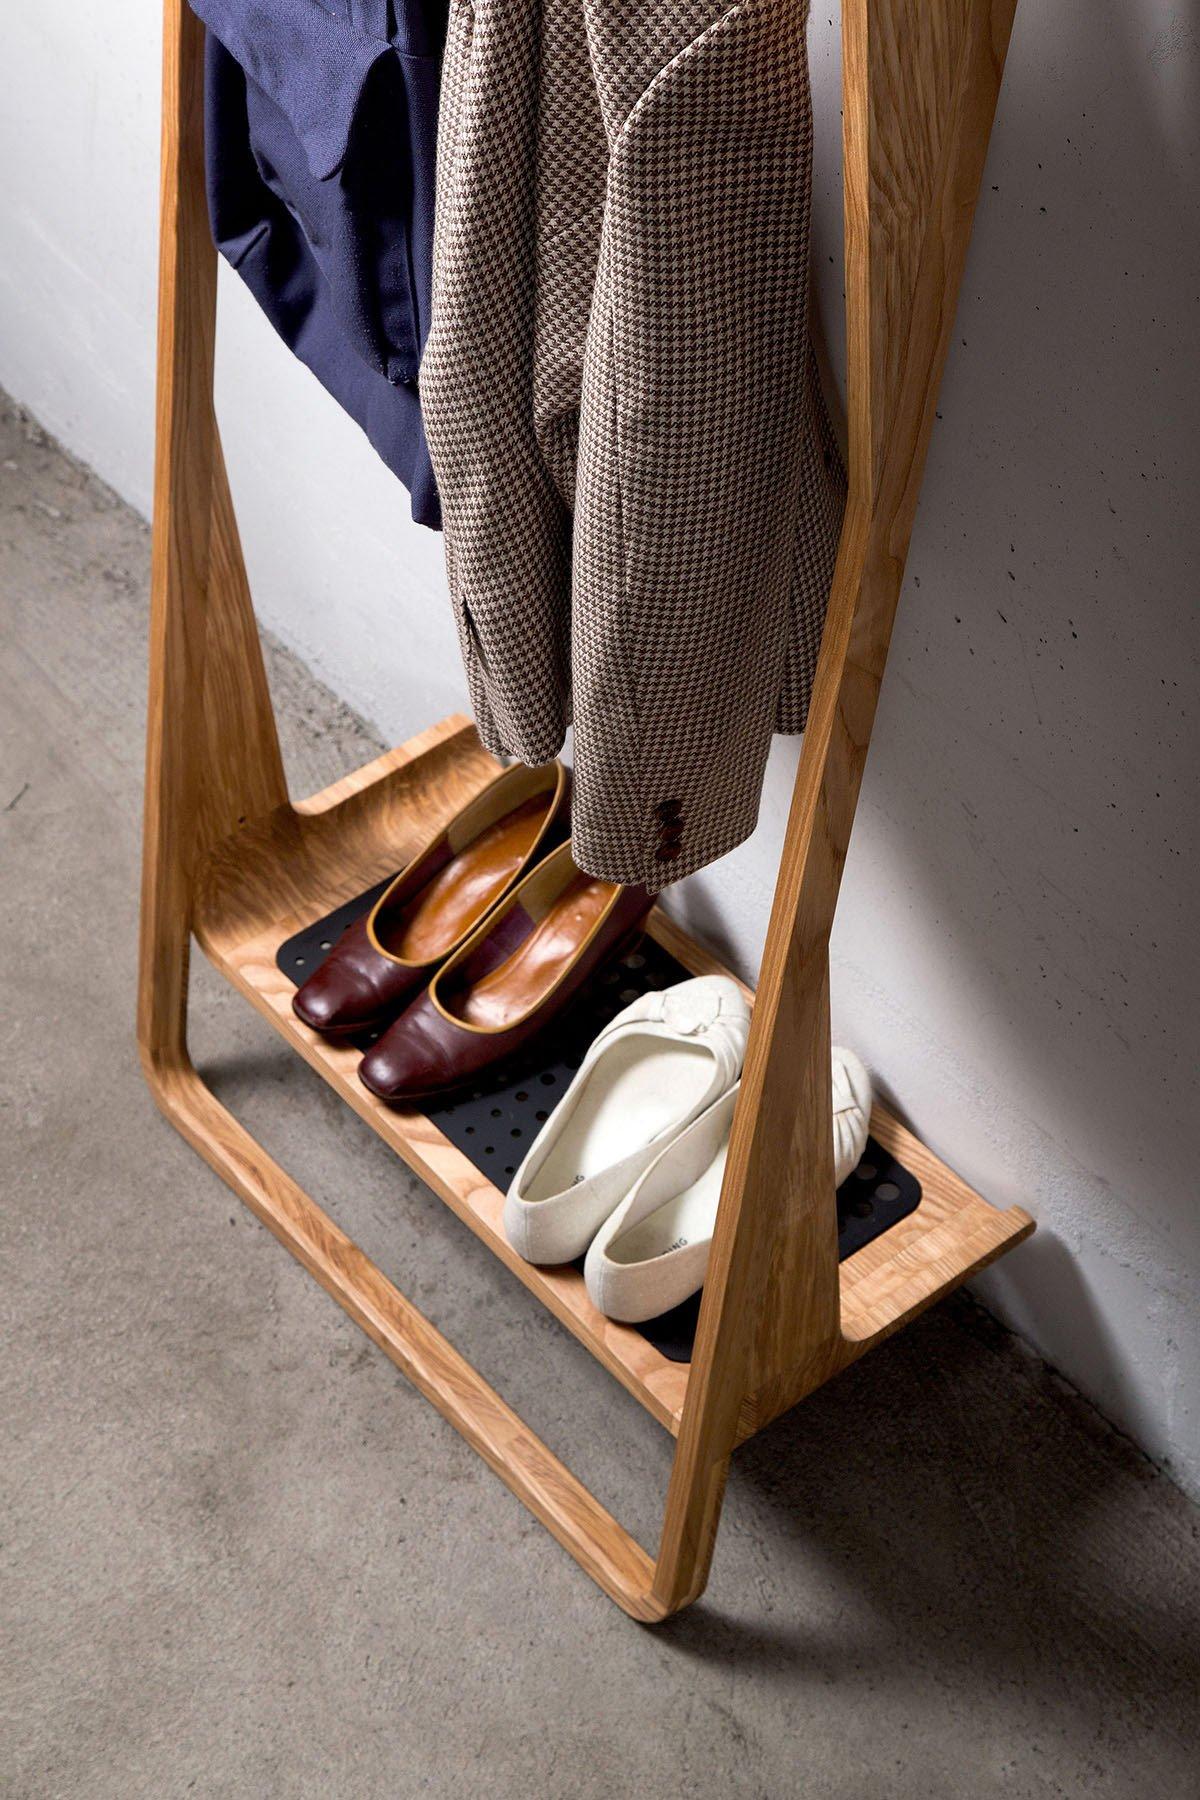 leaning-loop-custom-wood-organizer-8